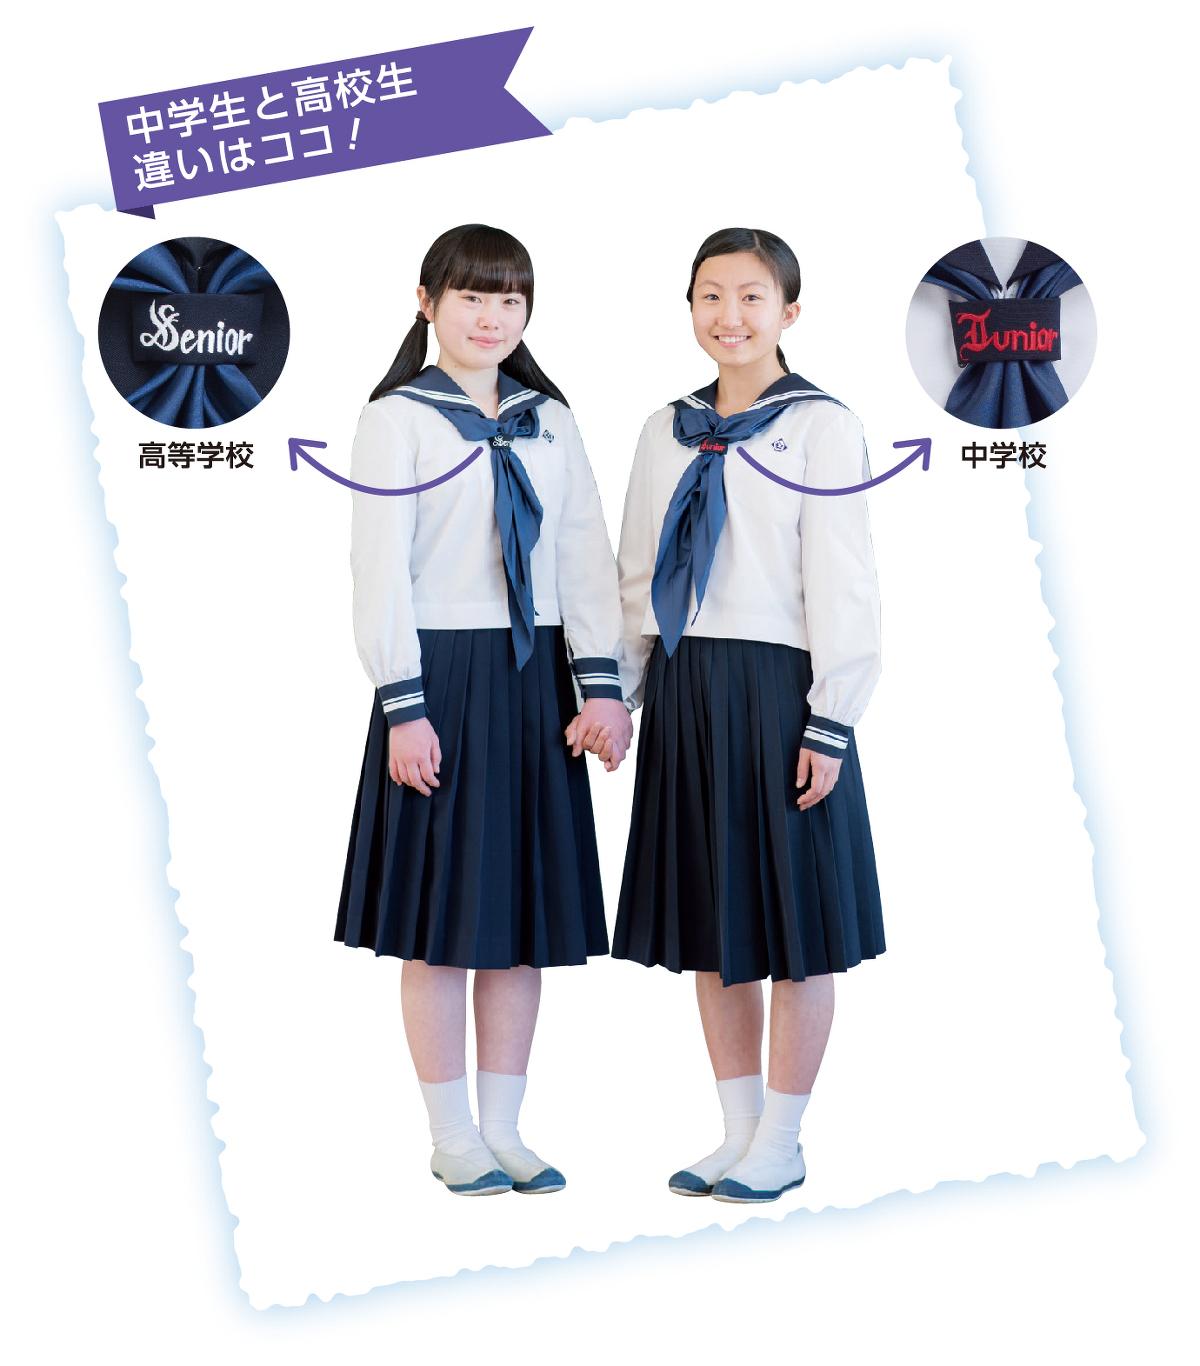 中学生と高校生の制服の違いはスカーフ止めの刺繍色